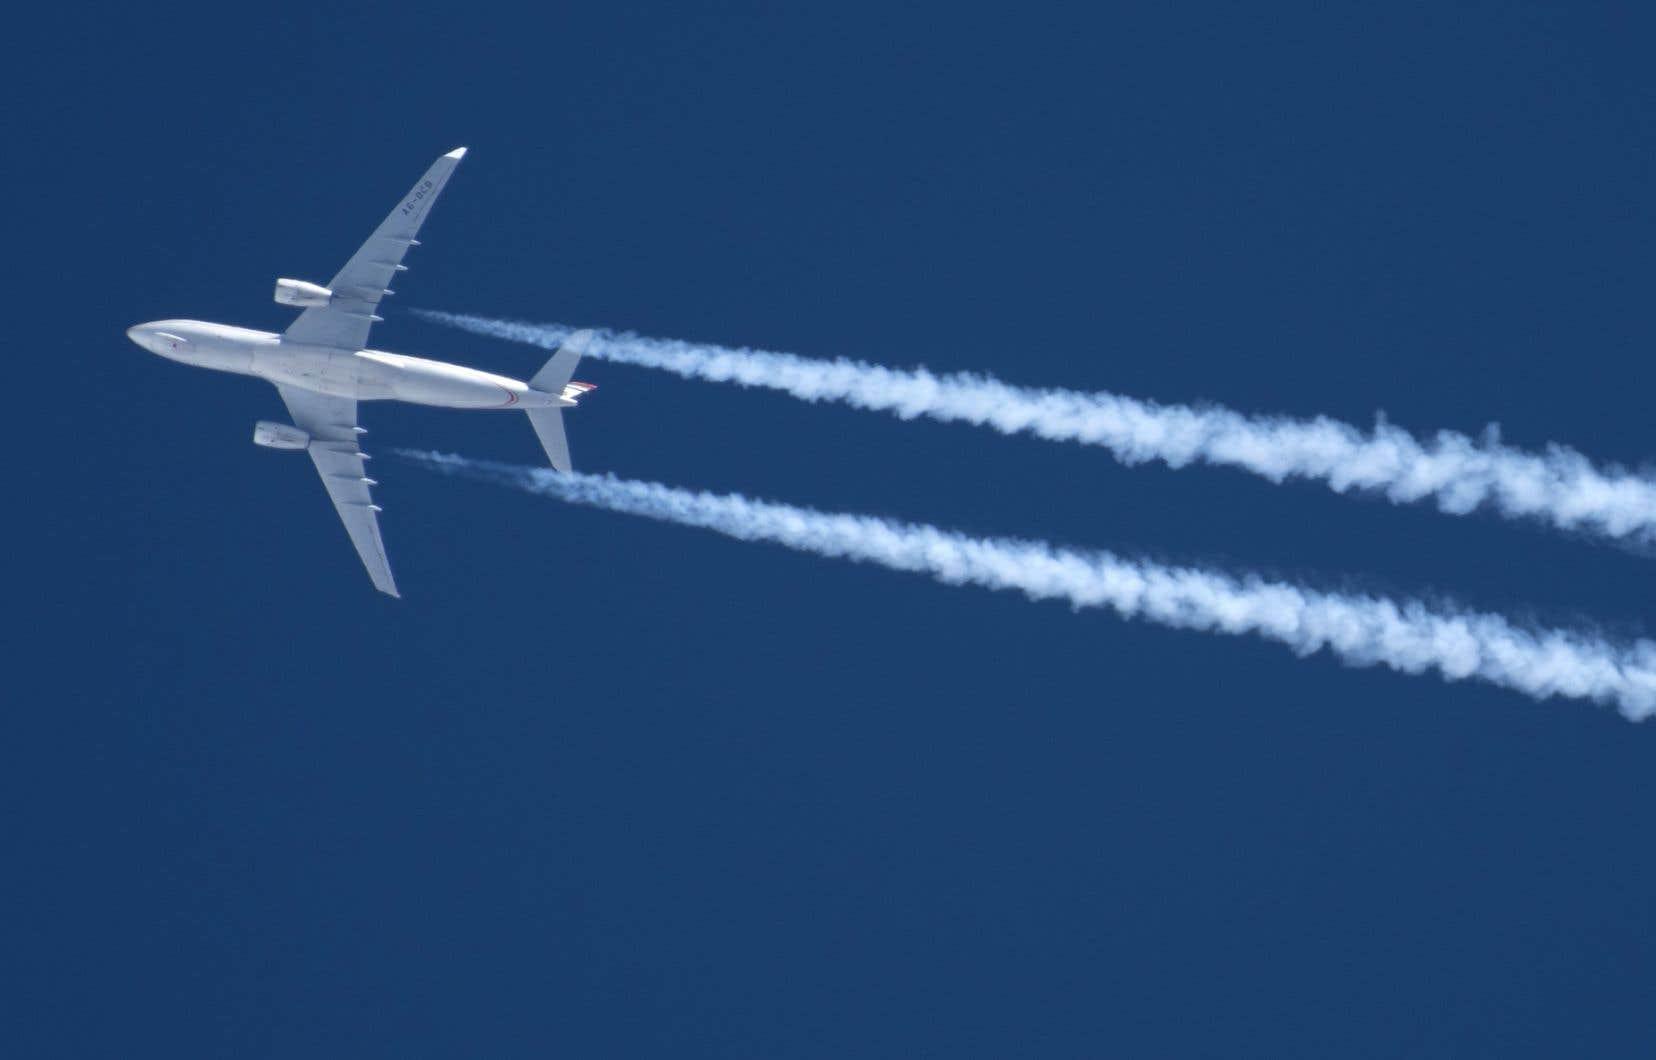 En soirée jeudi, Aimia annonçait qu'elle repoussait du revers de la main l'offre non sollicitée d'un consortium piloté par Air Canada portant sur l'acquisition de son programme de fidélisation Aéroplan.